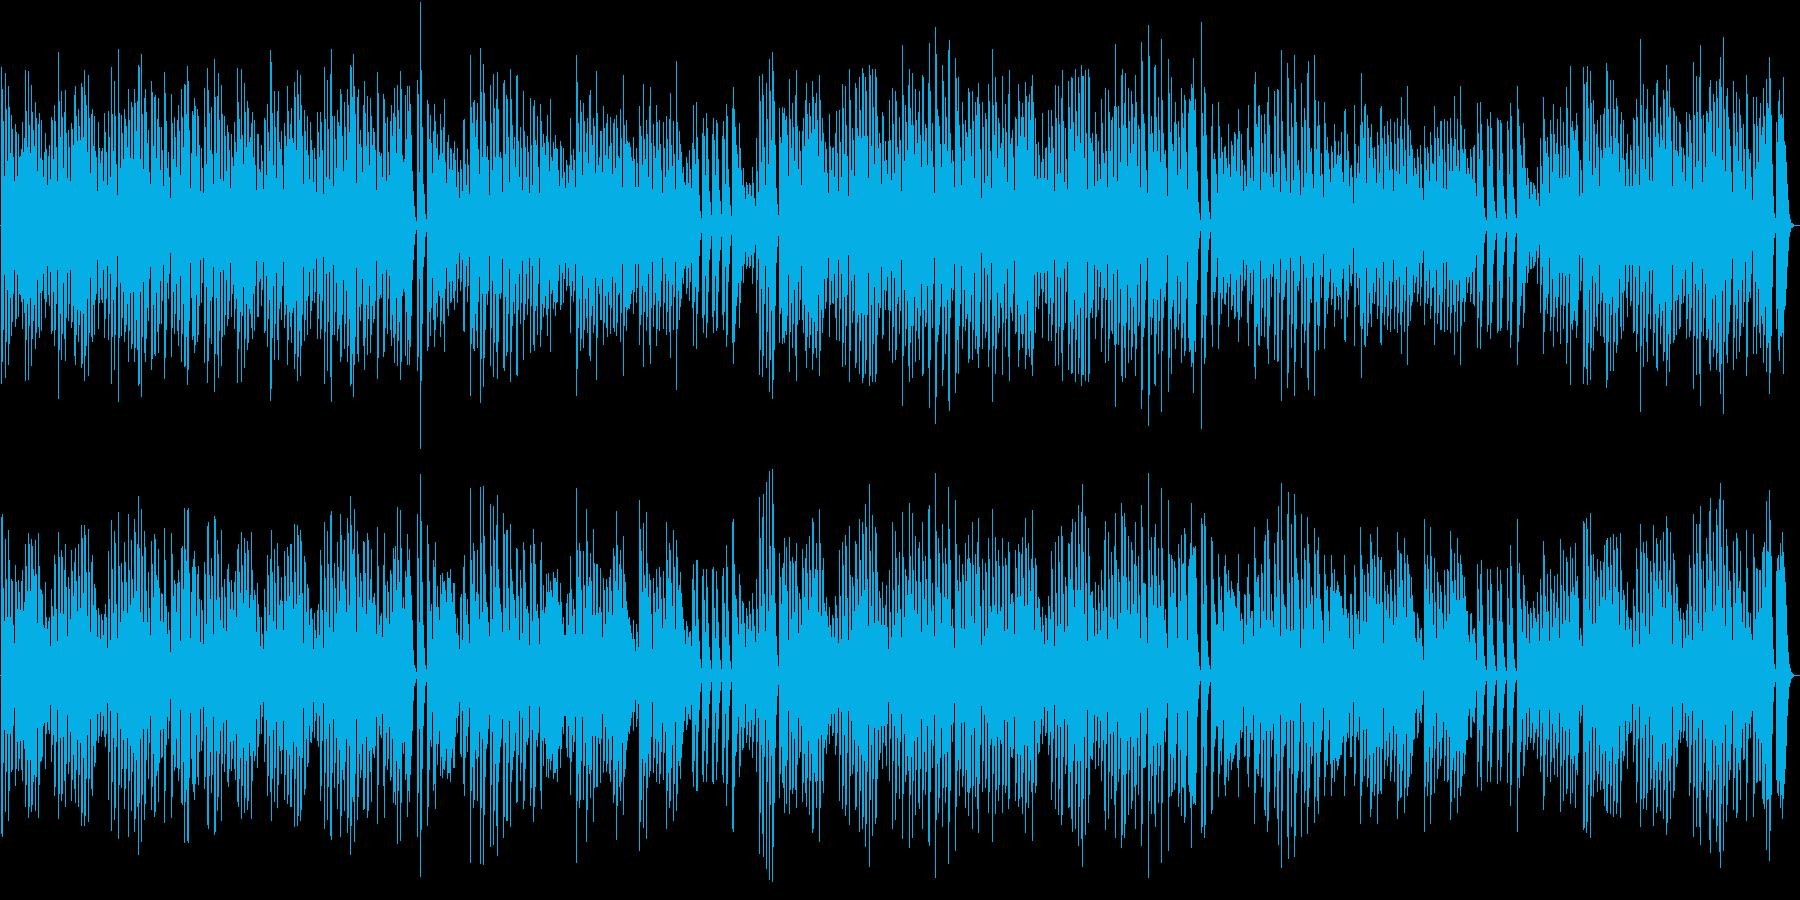 元気でワンパクなワクワクするピアノBGMの再生済みの波形